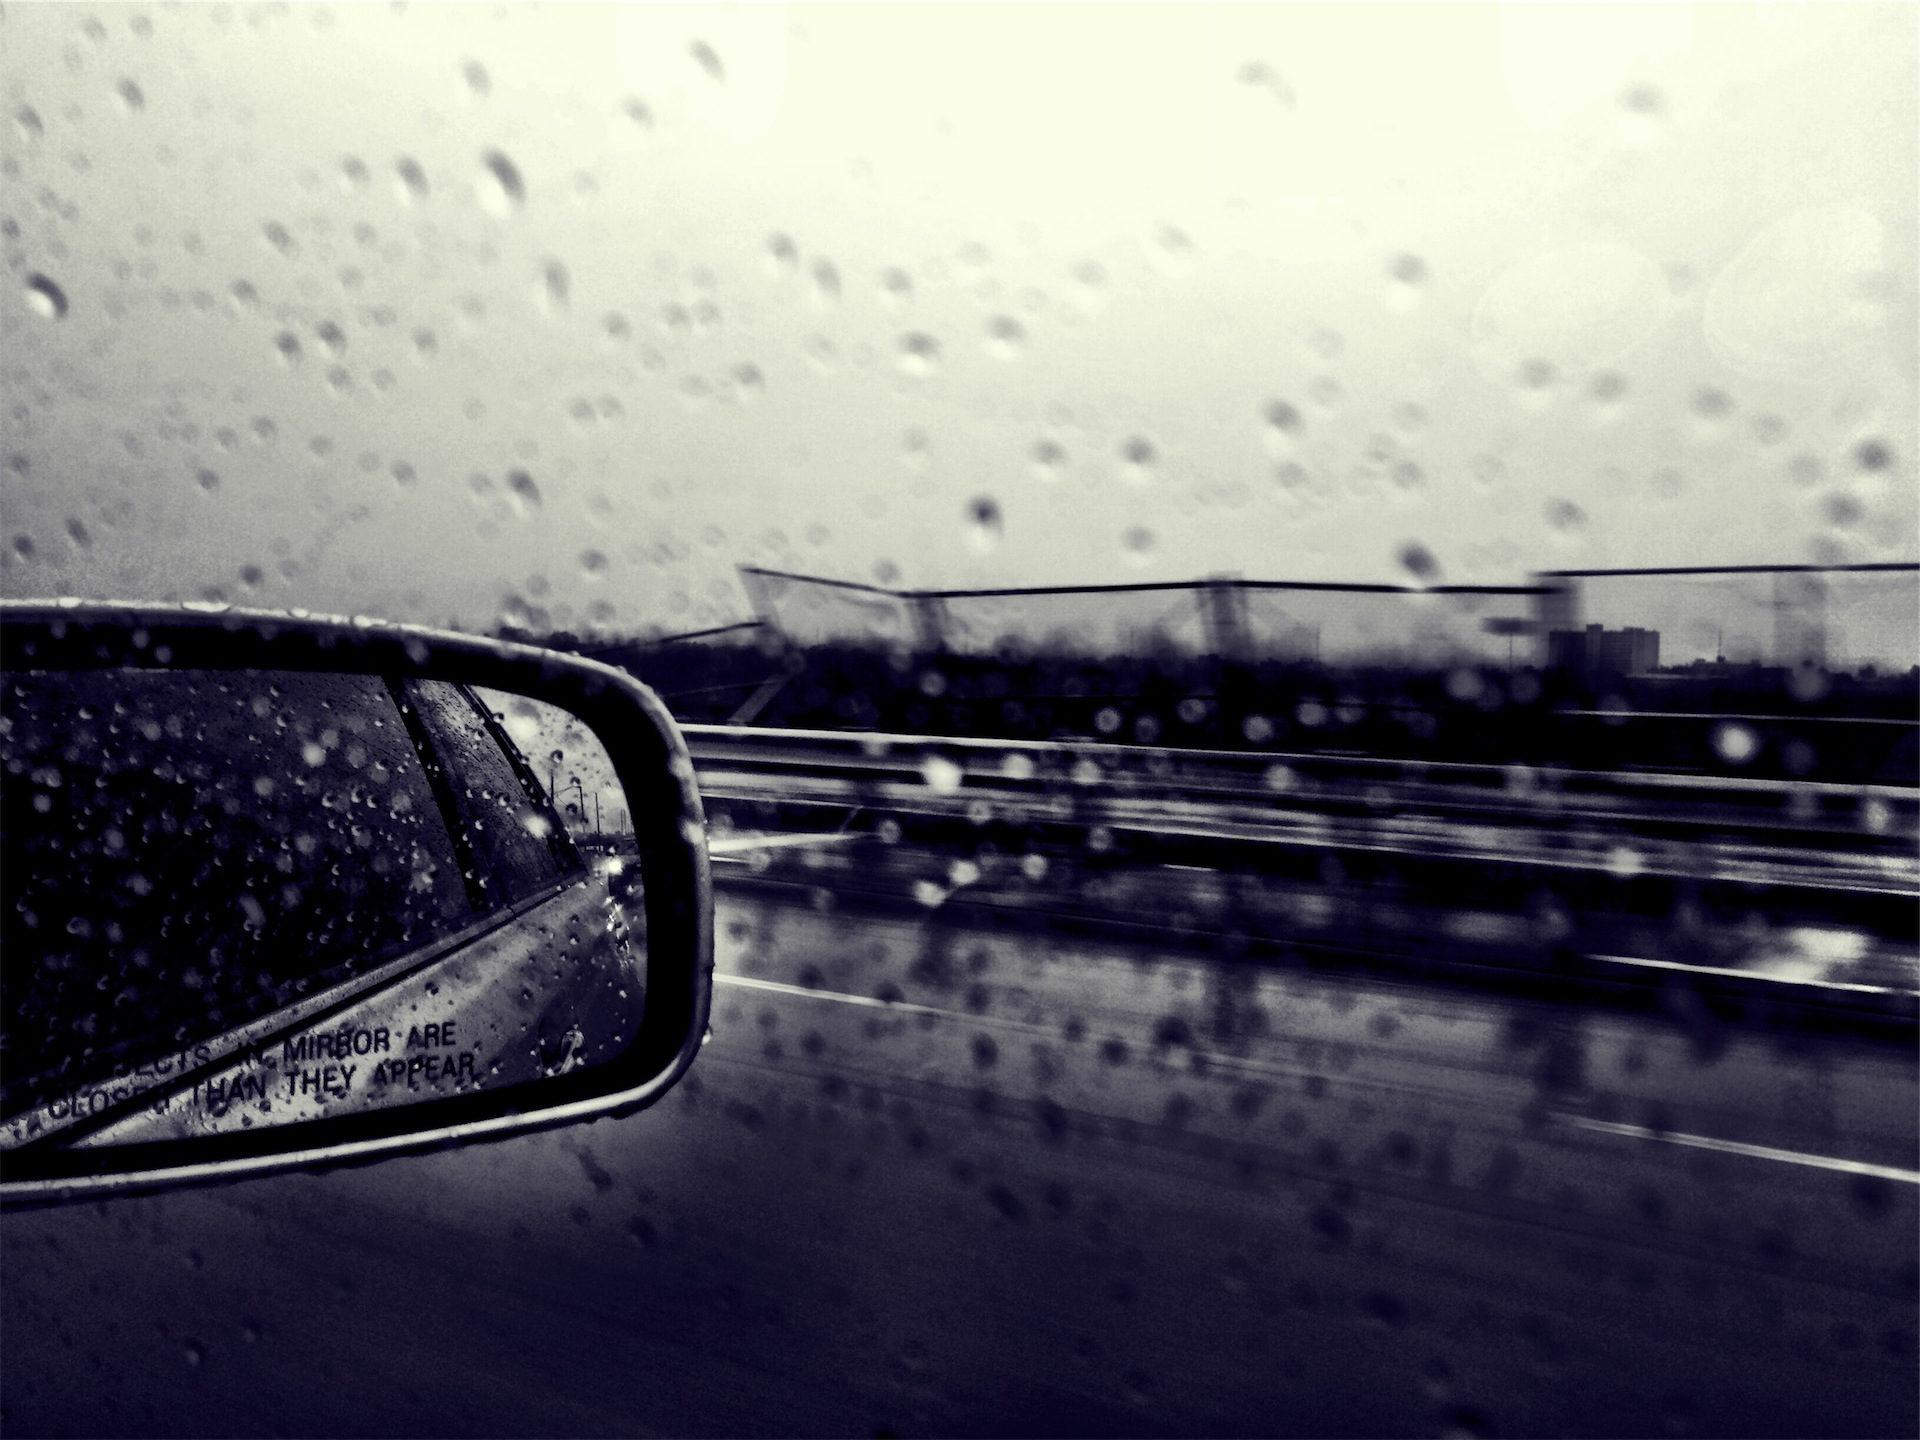 pioggia, Viaggi, gocce, riflessione, in bianco e nero - Sfondi HD - Professor-falken.com